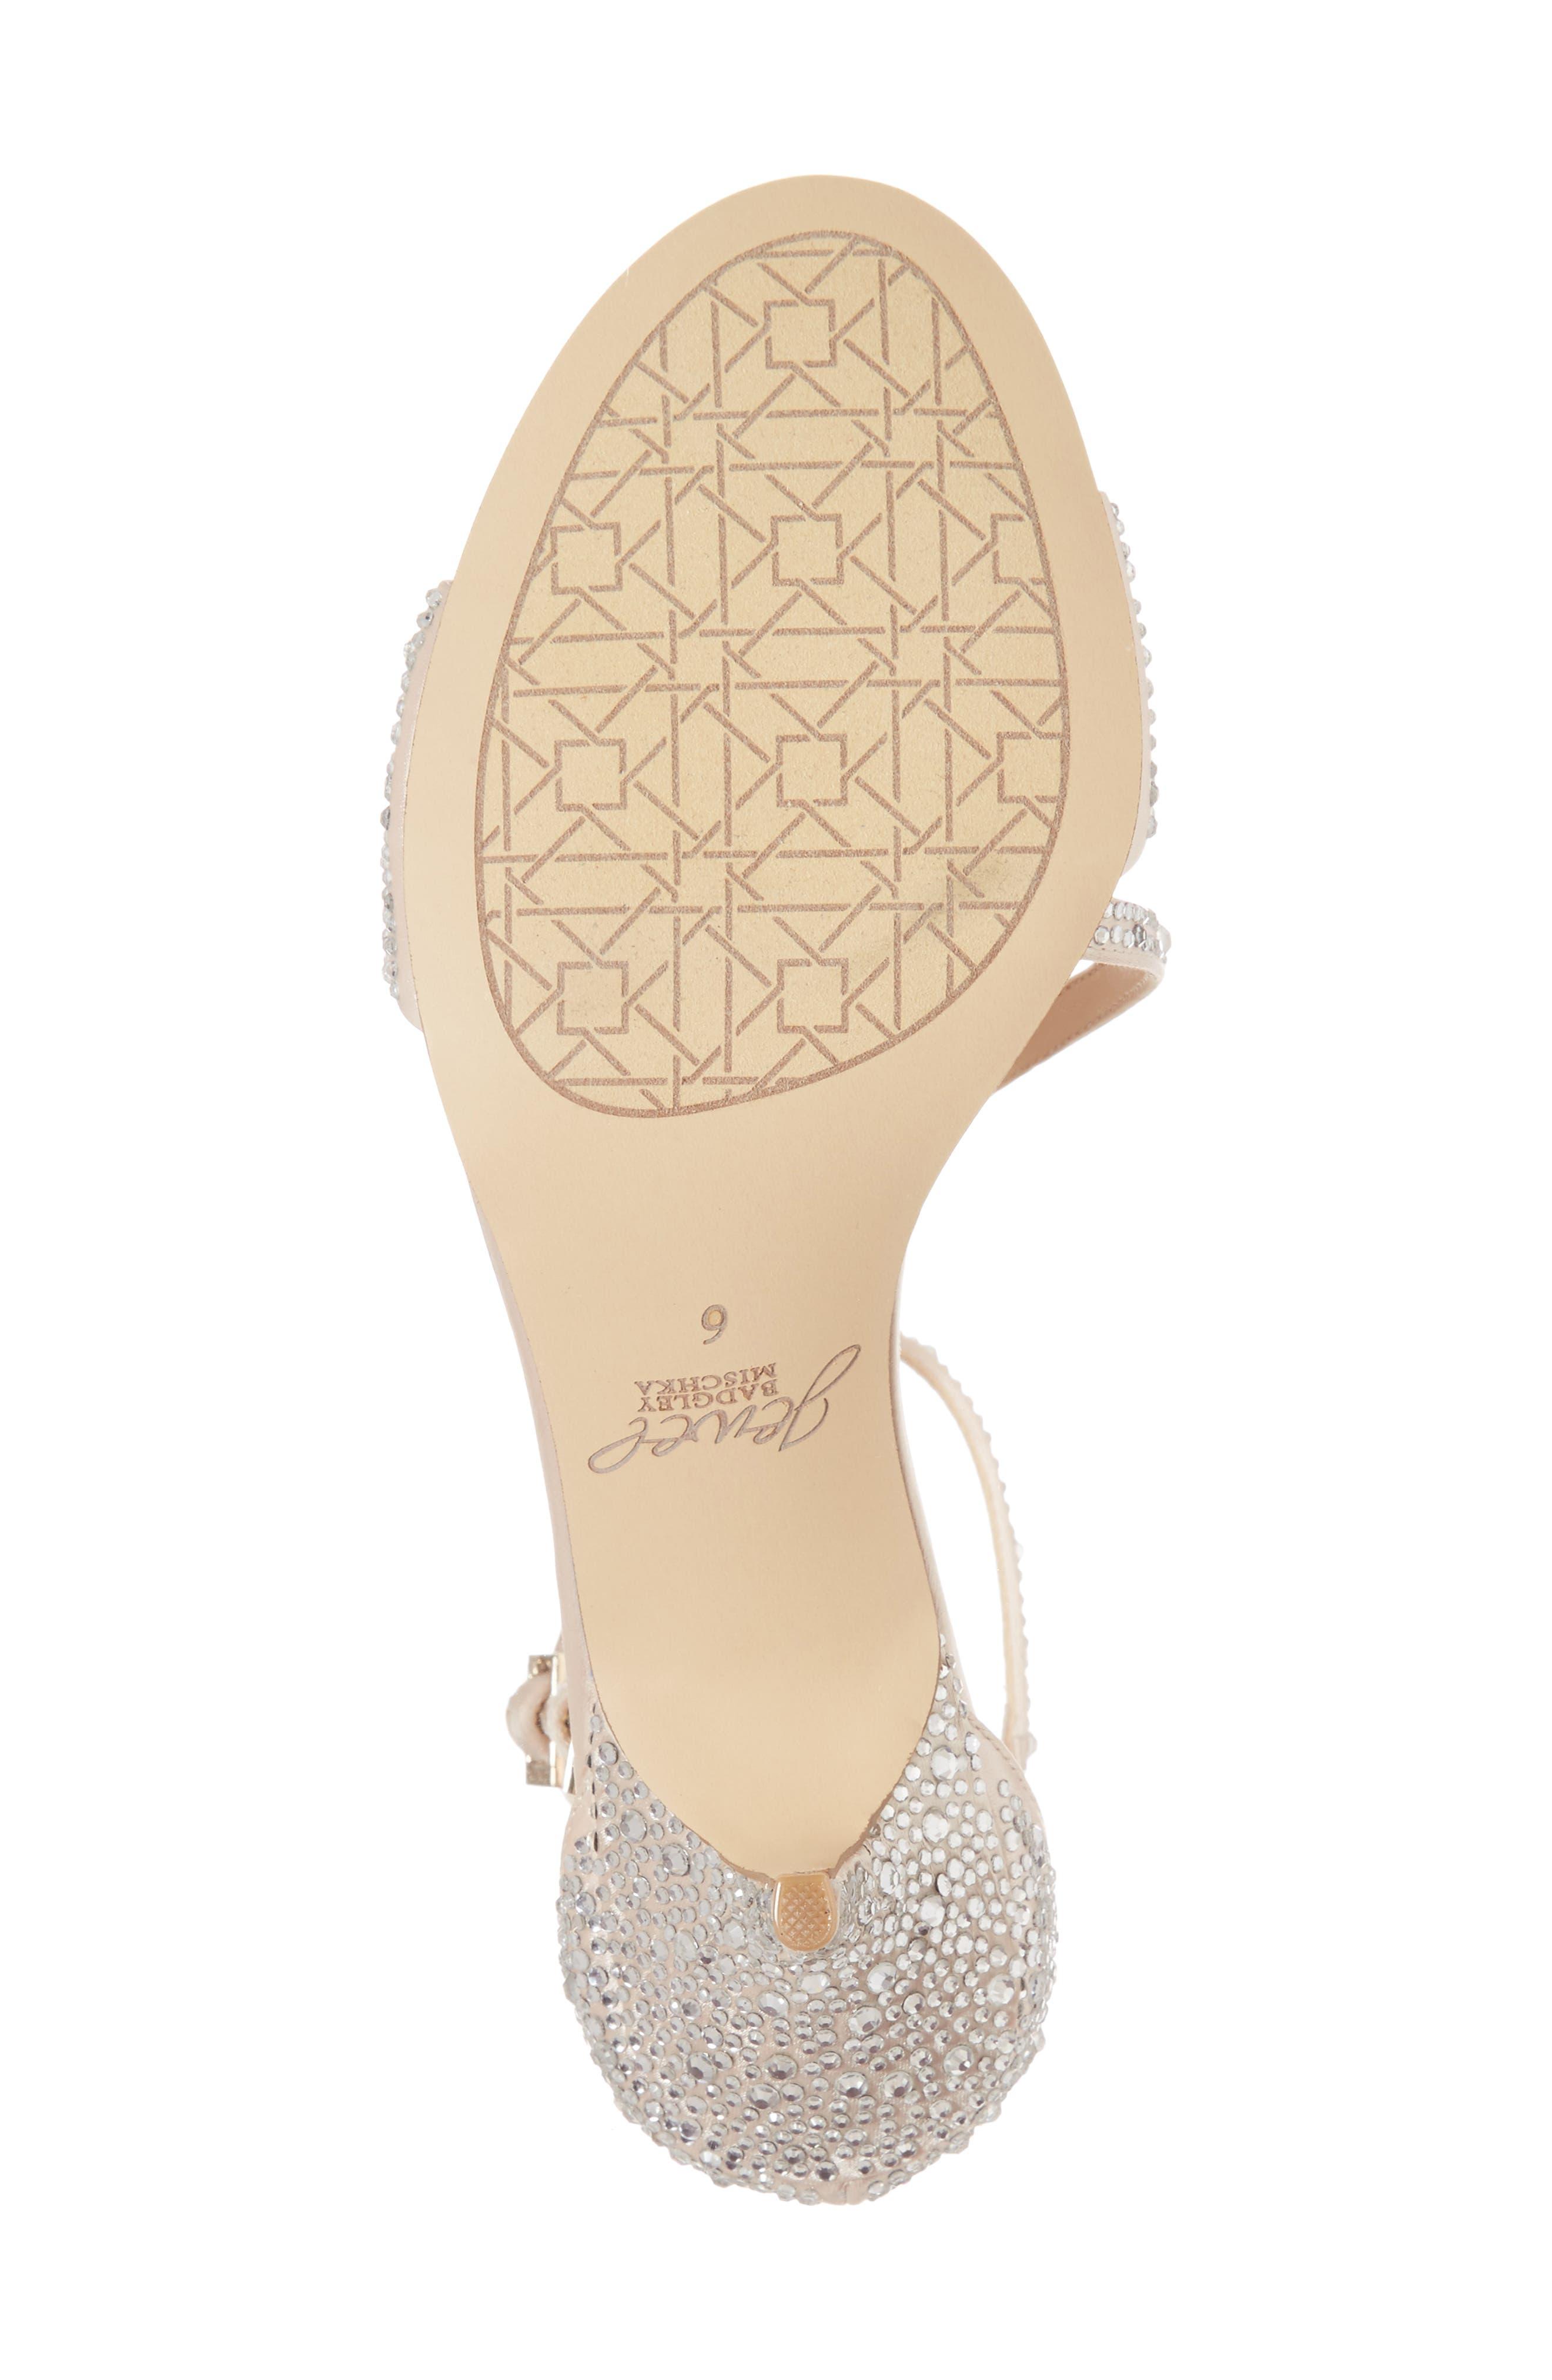 Tangerine Crystal Embellished Sandal,                             Alternate thumbnail 6, color,                             Champagne Satin